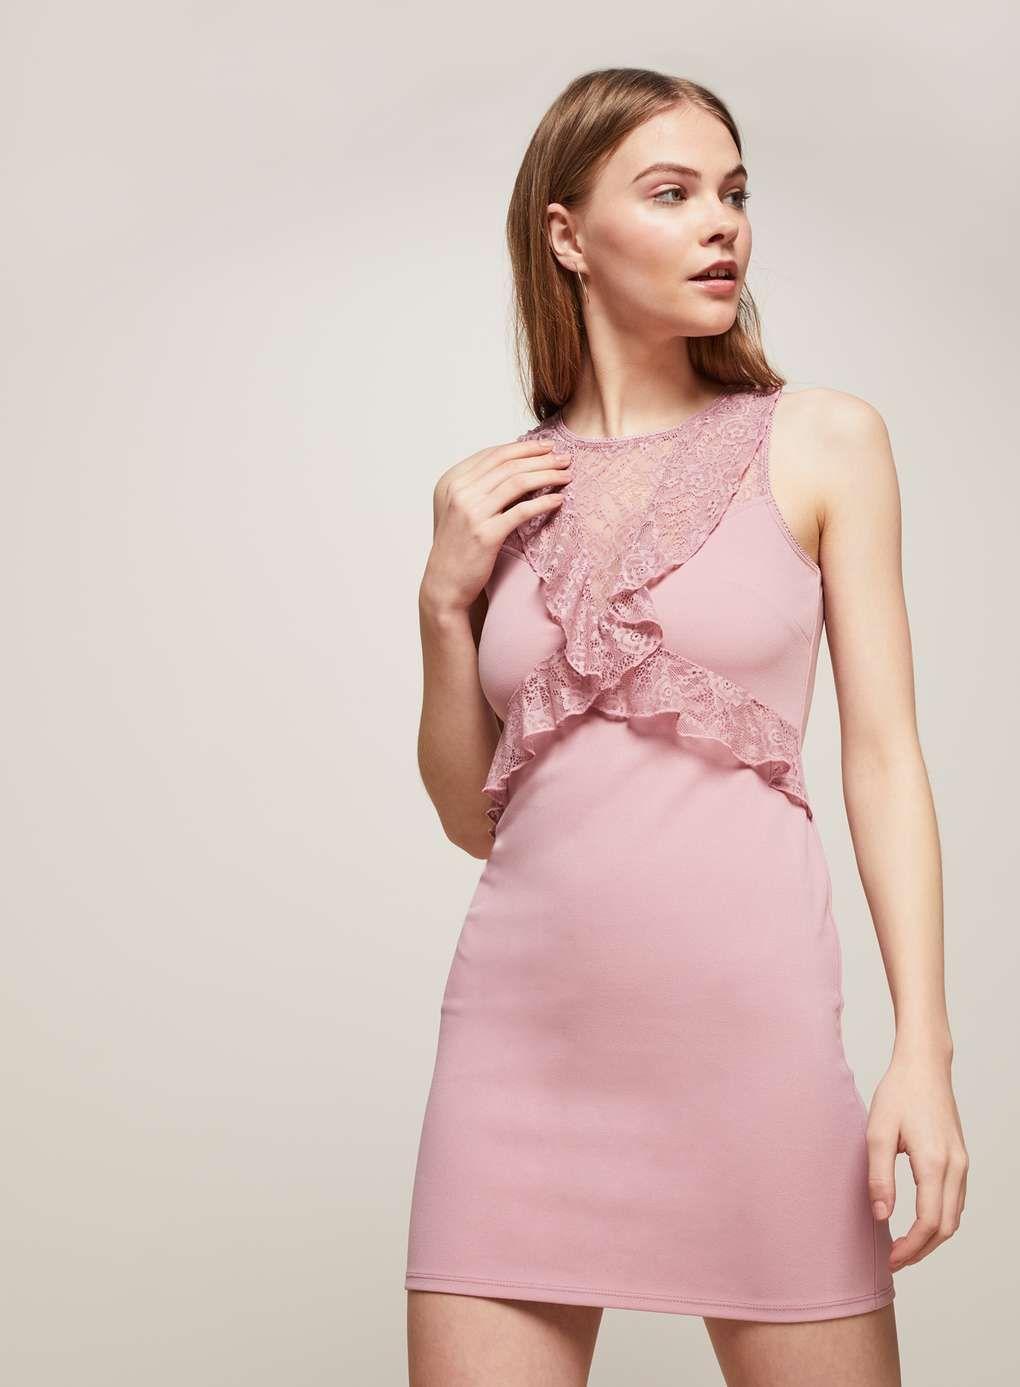 Moderno Vestidos De Fiesta Jc Ornamento - Colección de Vestidos de ...